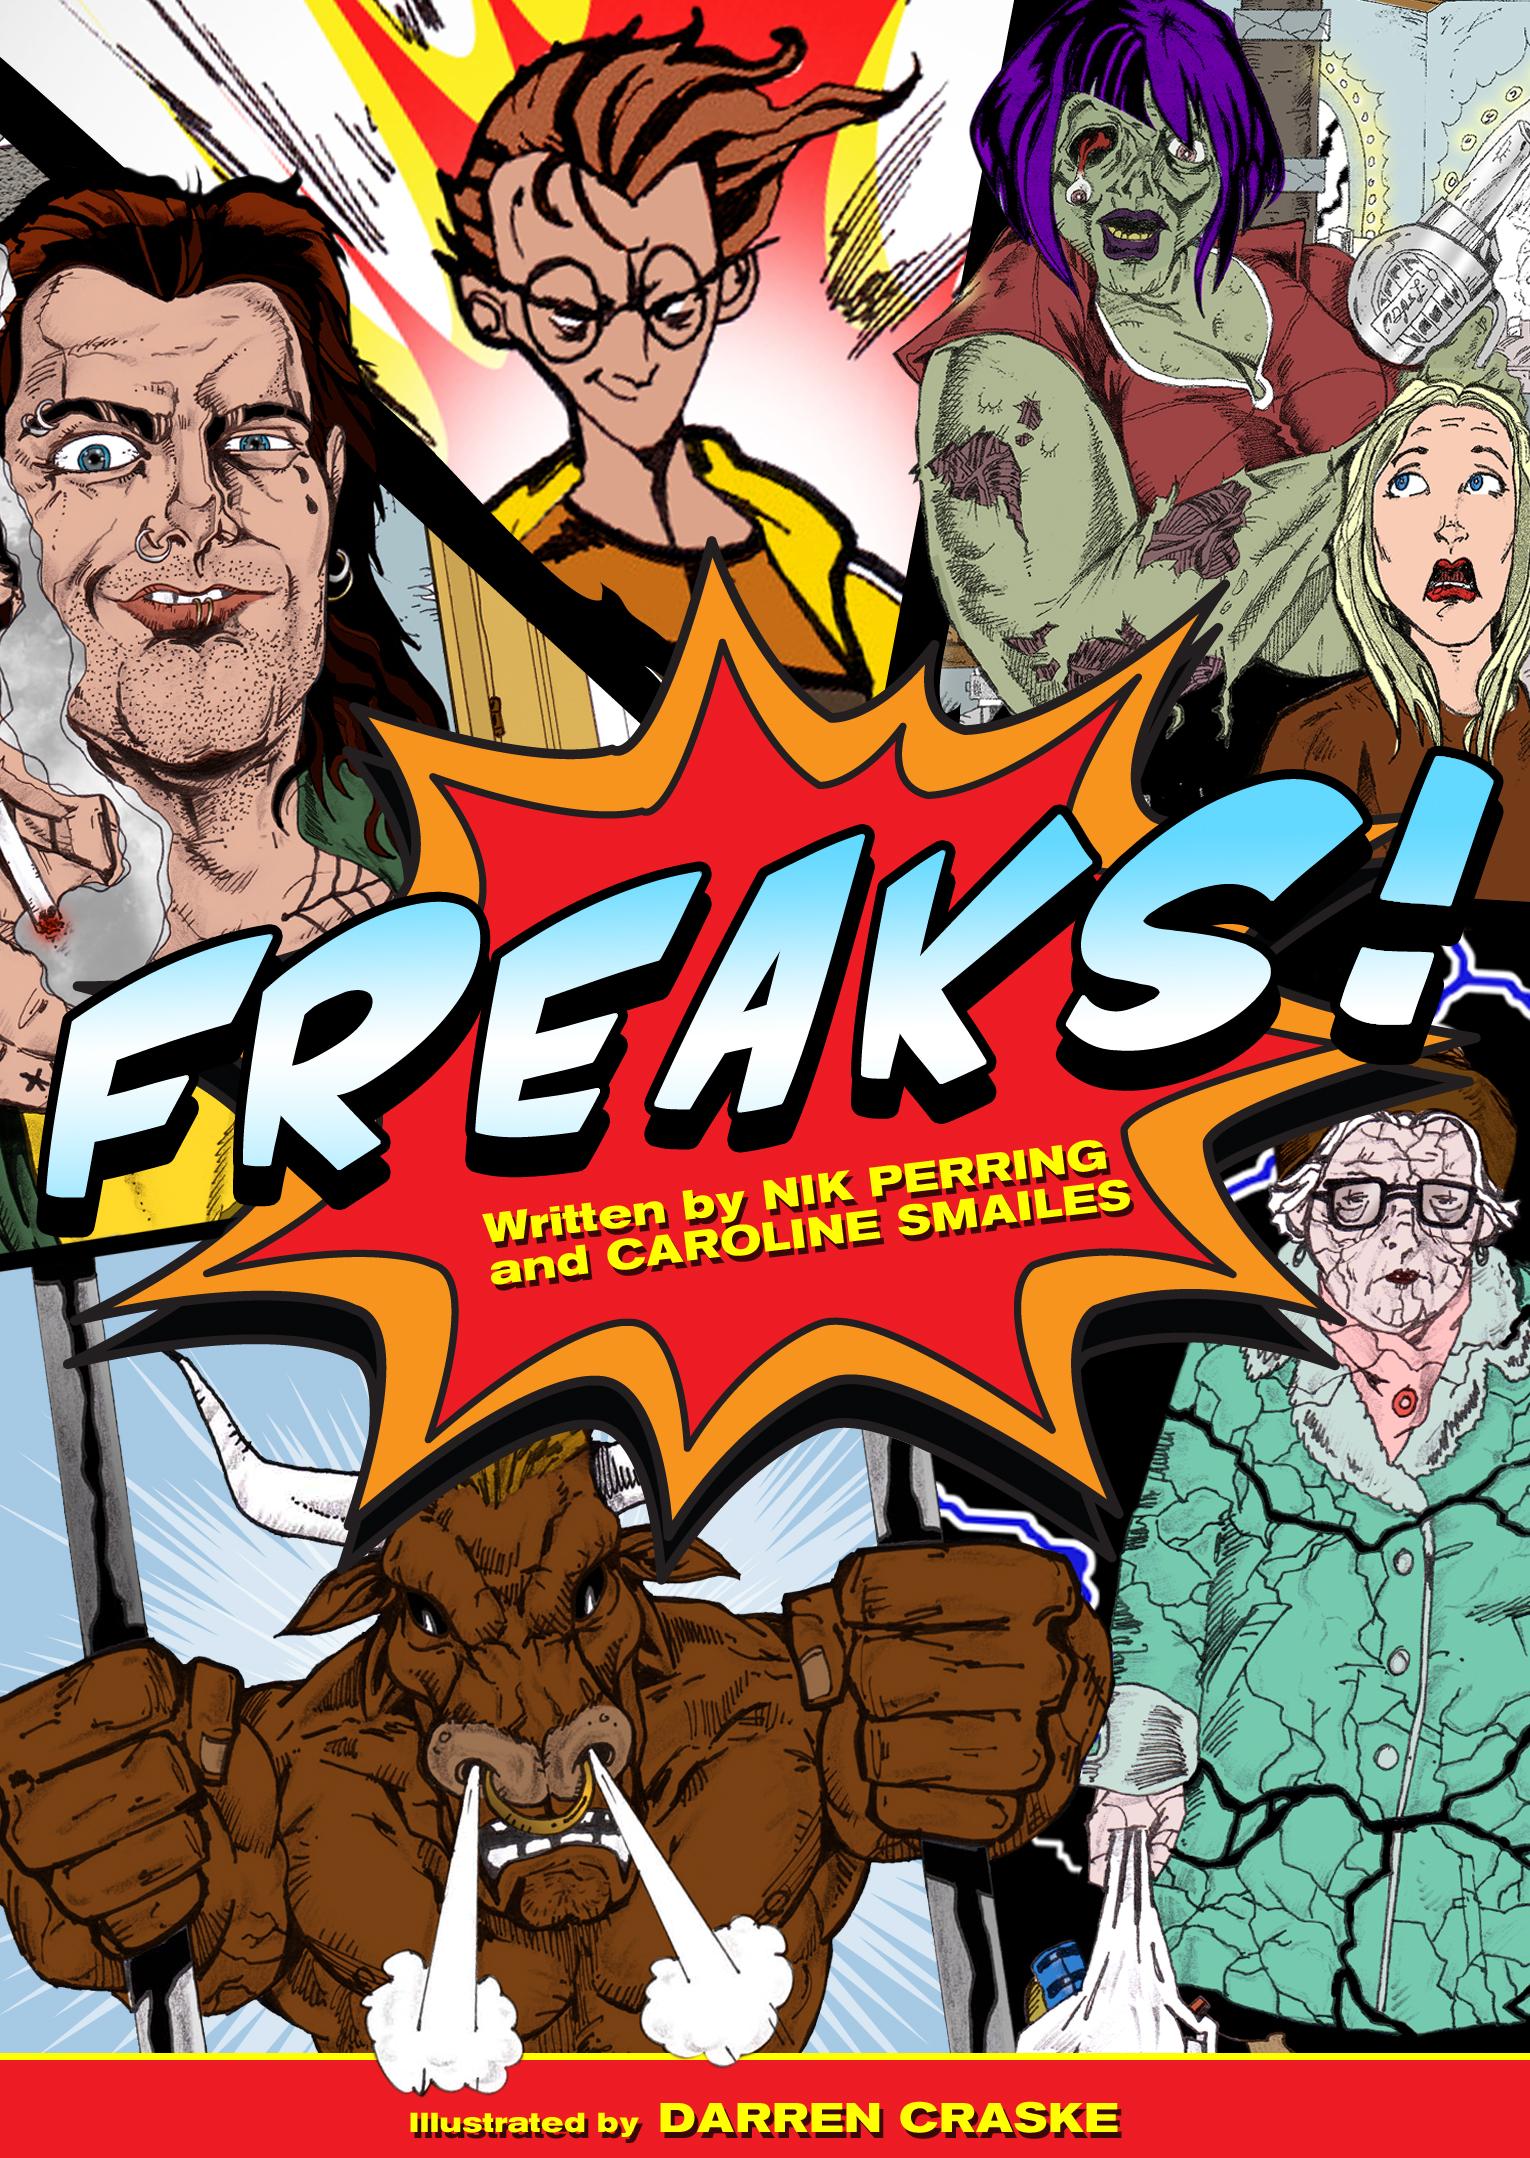 Freaks on line